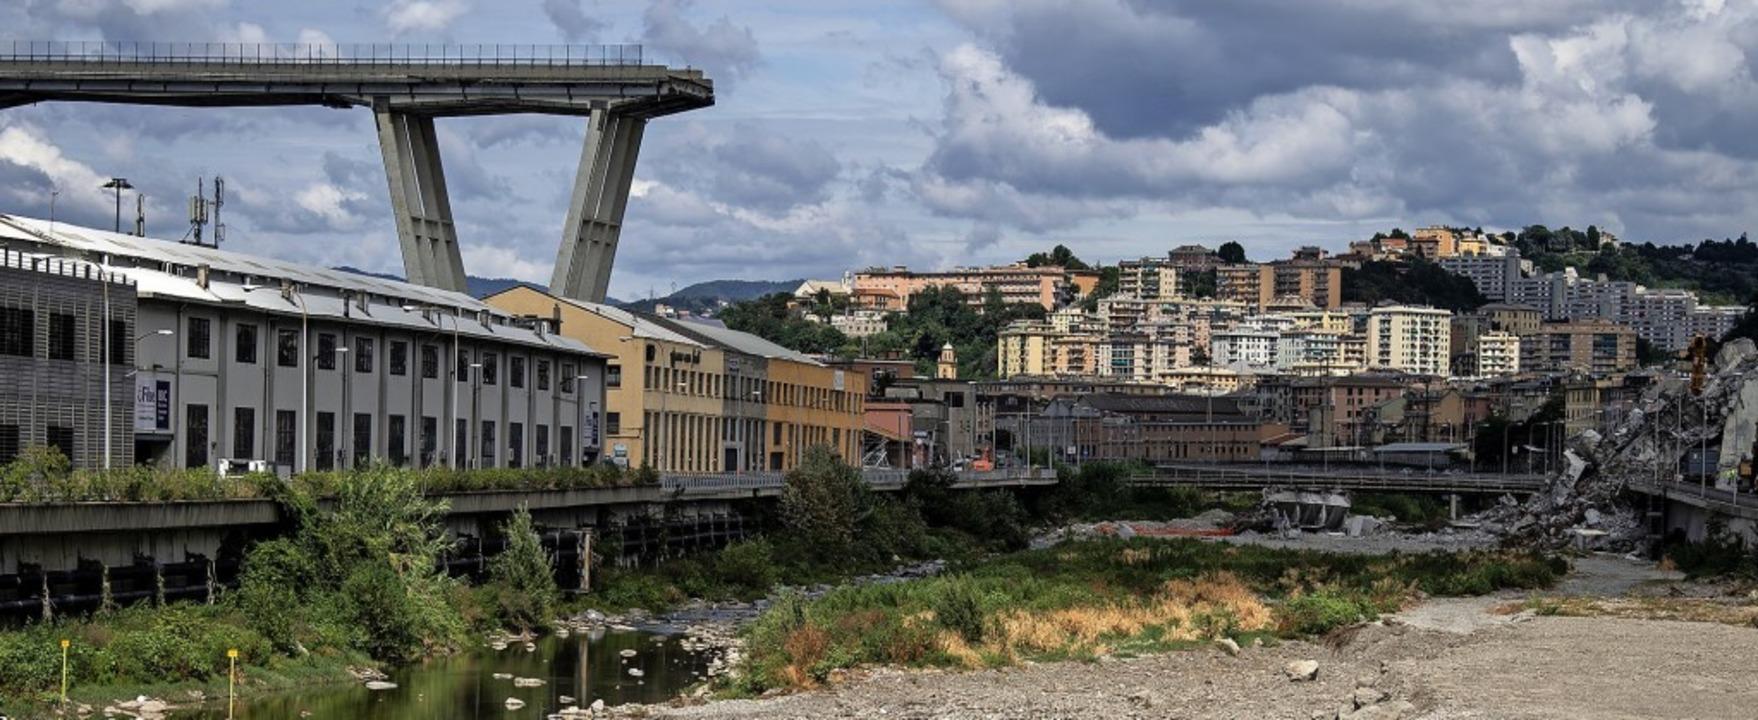 Die Morandi-Brücke, aufgenommen gut zw...n nach dem Einsturz am 14. August 2018    Foto: MARCO BERTORELLO